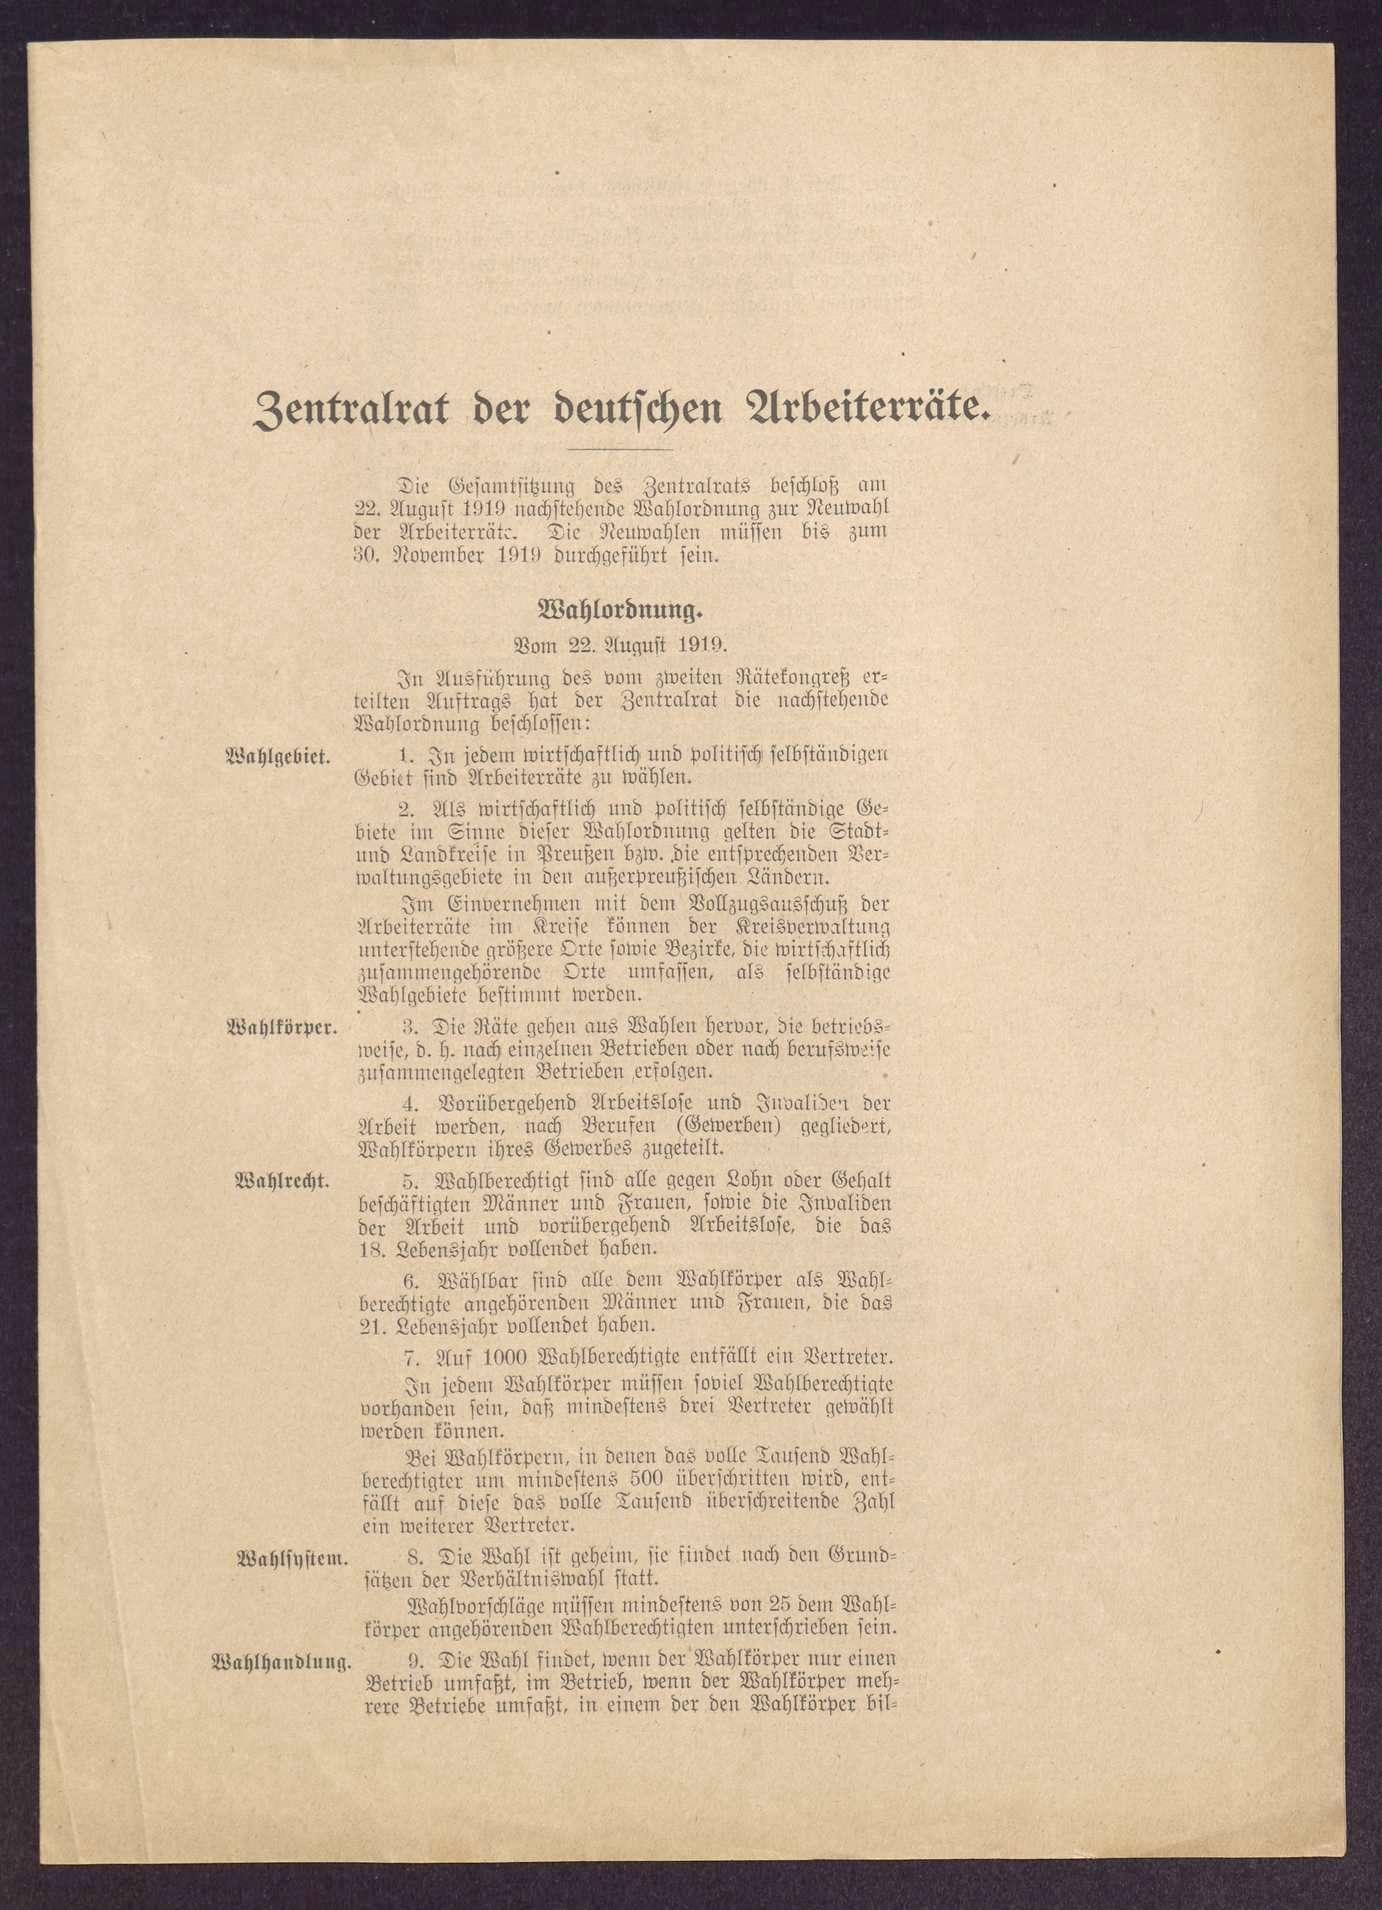 Wahlordnung und Organisationsstatut des Zentralrats der deutschen Arbeiterräte, Bild 1